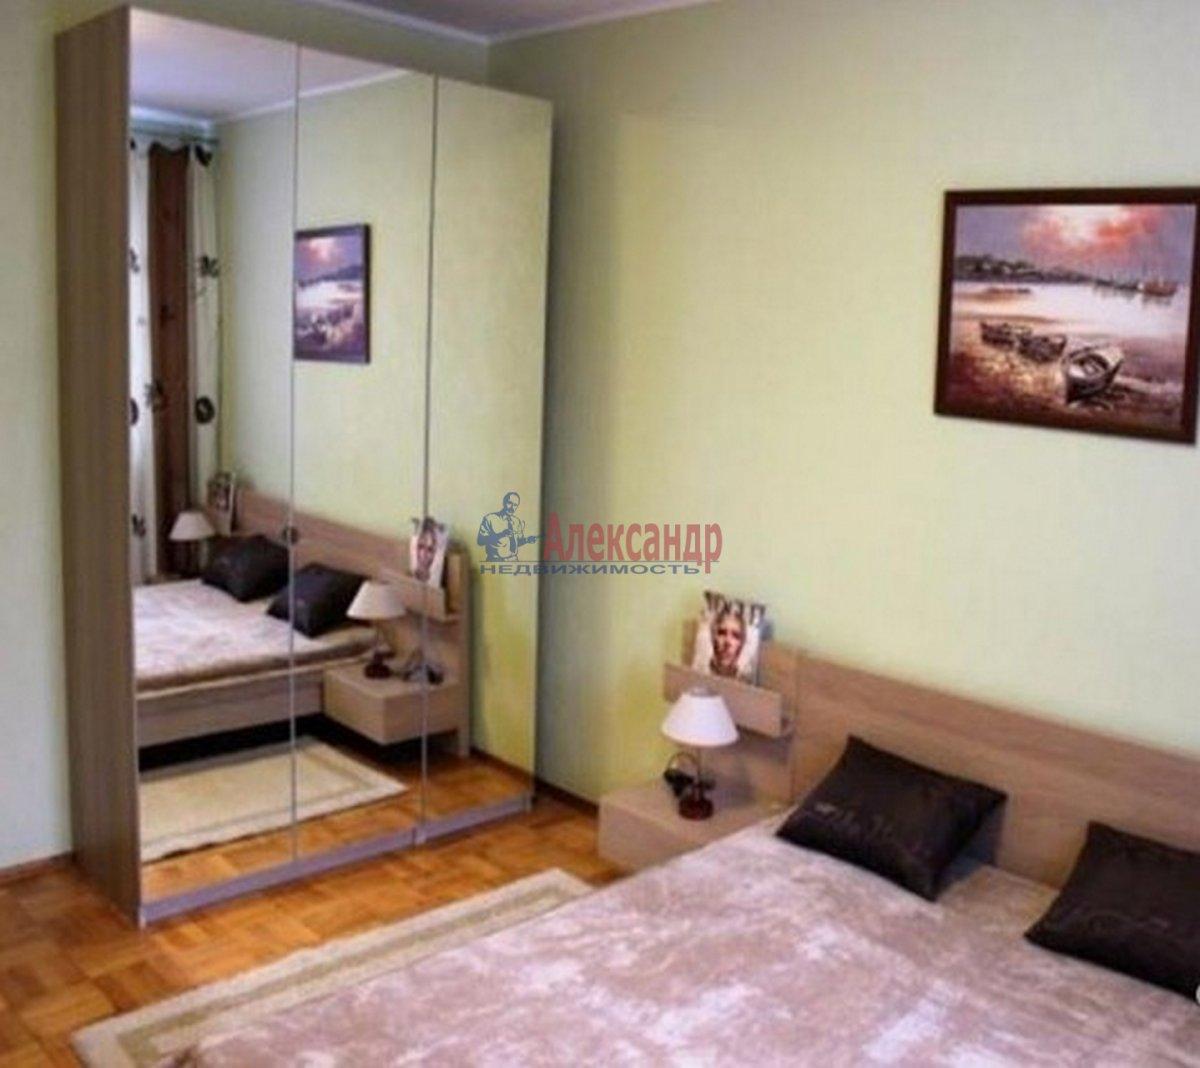 2-комнатная квартира (54м2) в аренду по адресу Юрия Гагарина пр.— фото 2 из 4